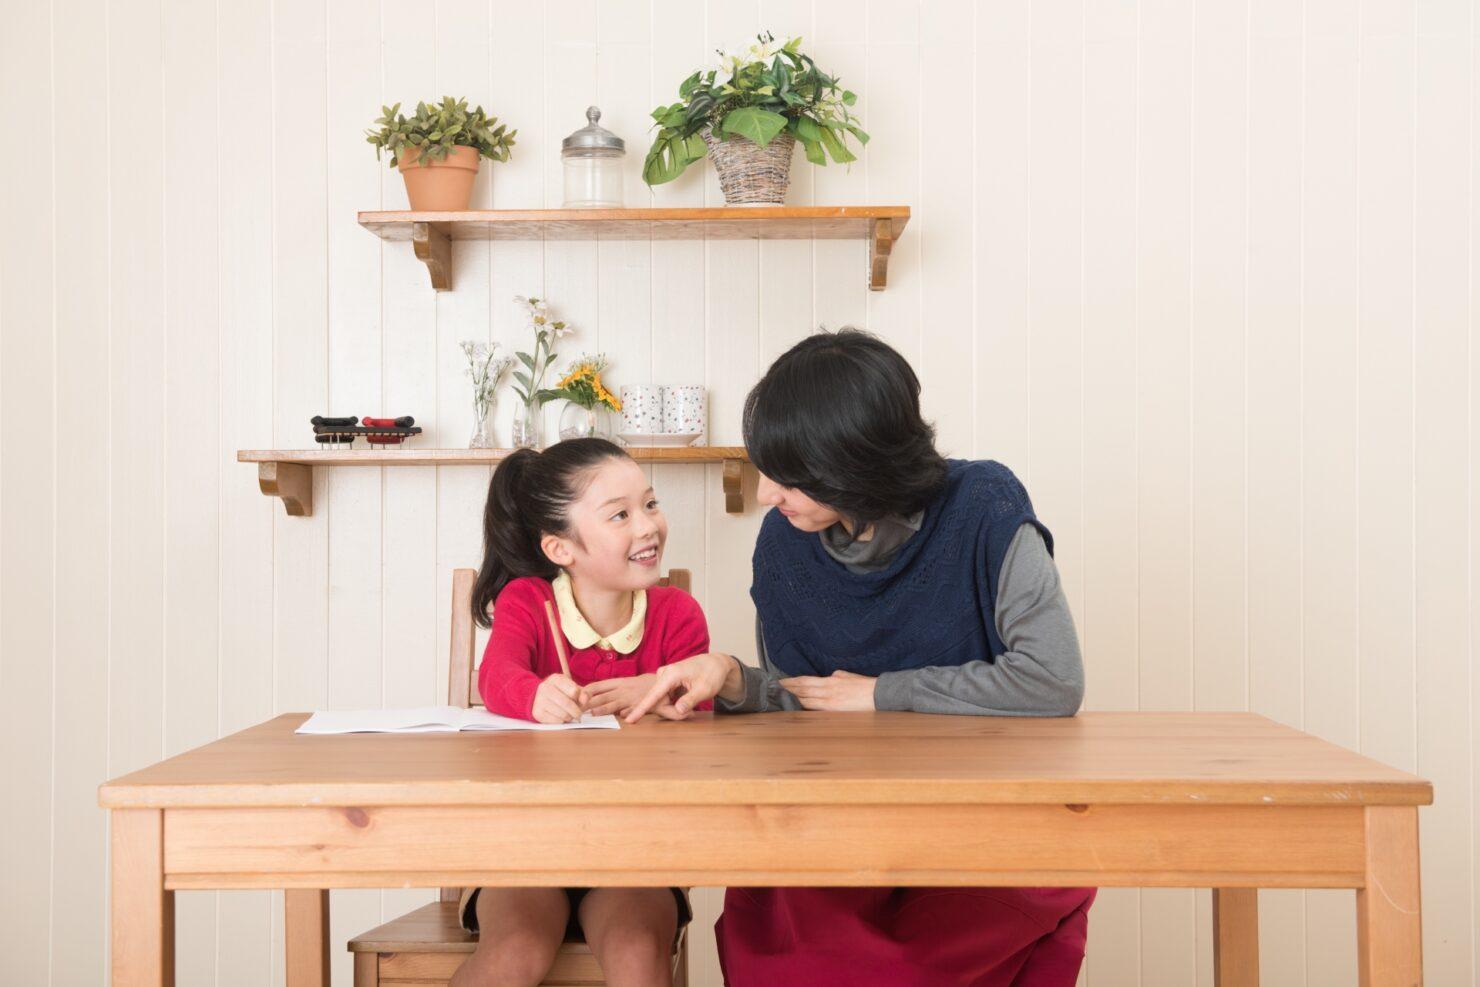 【家庭学習】幼児に人気の習い事ランキング